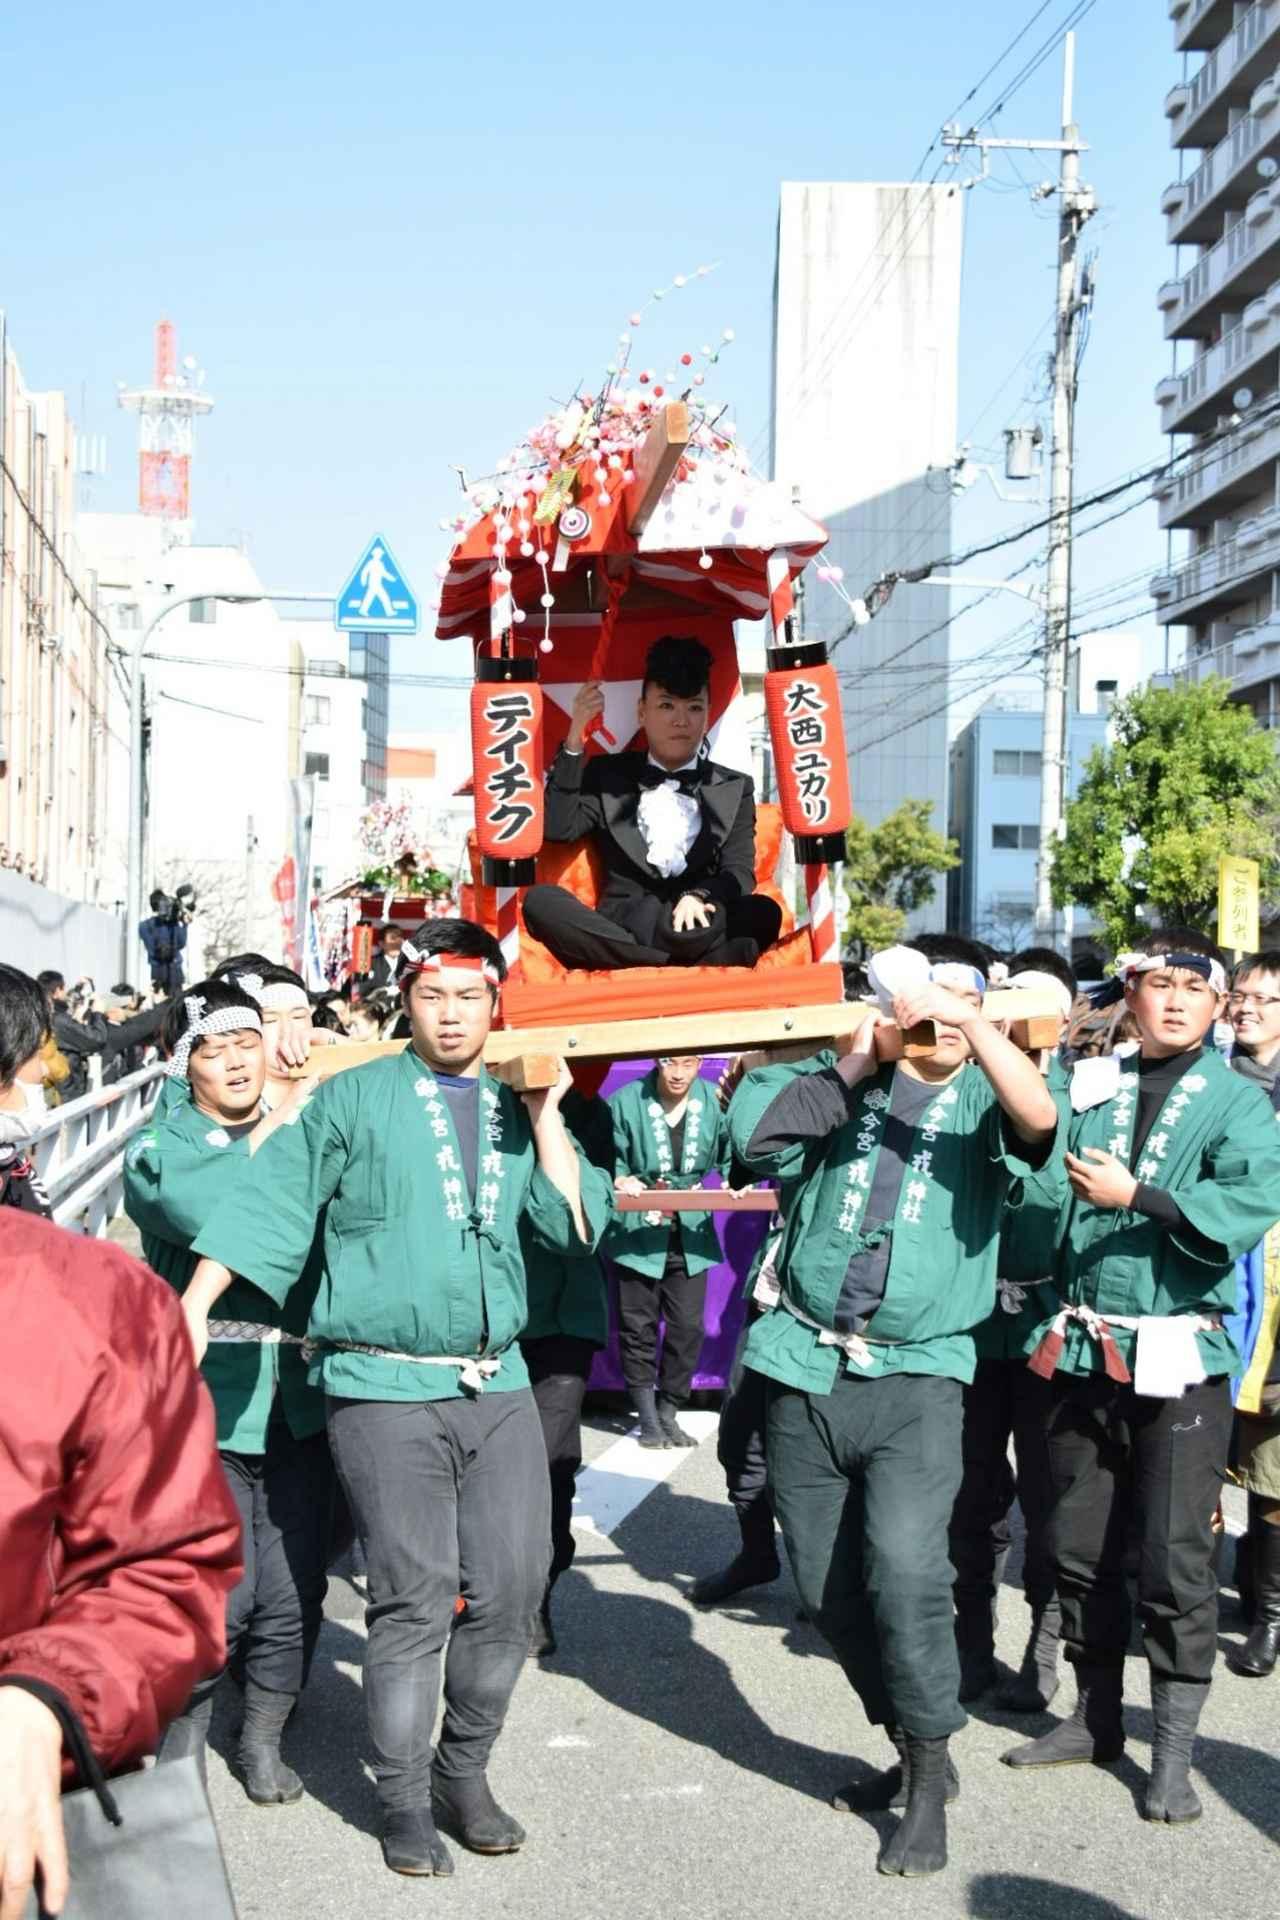 画像2: 1/11 GOOD MORNING OSAKA